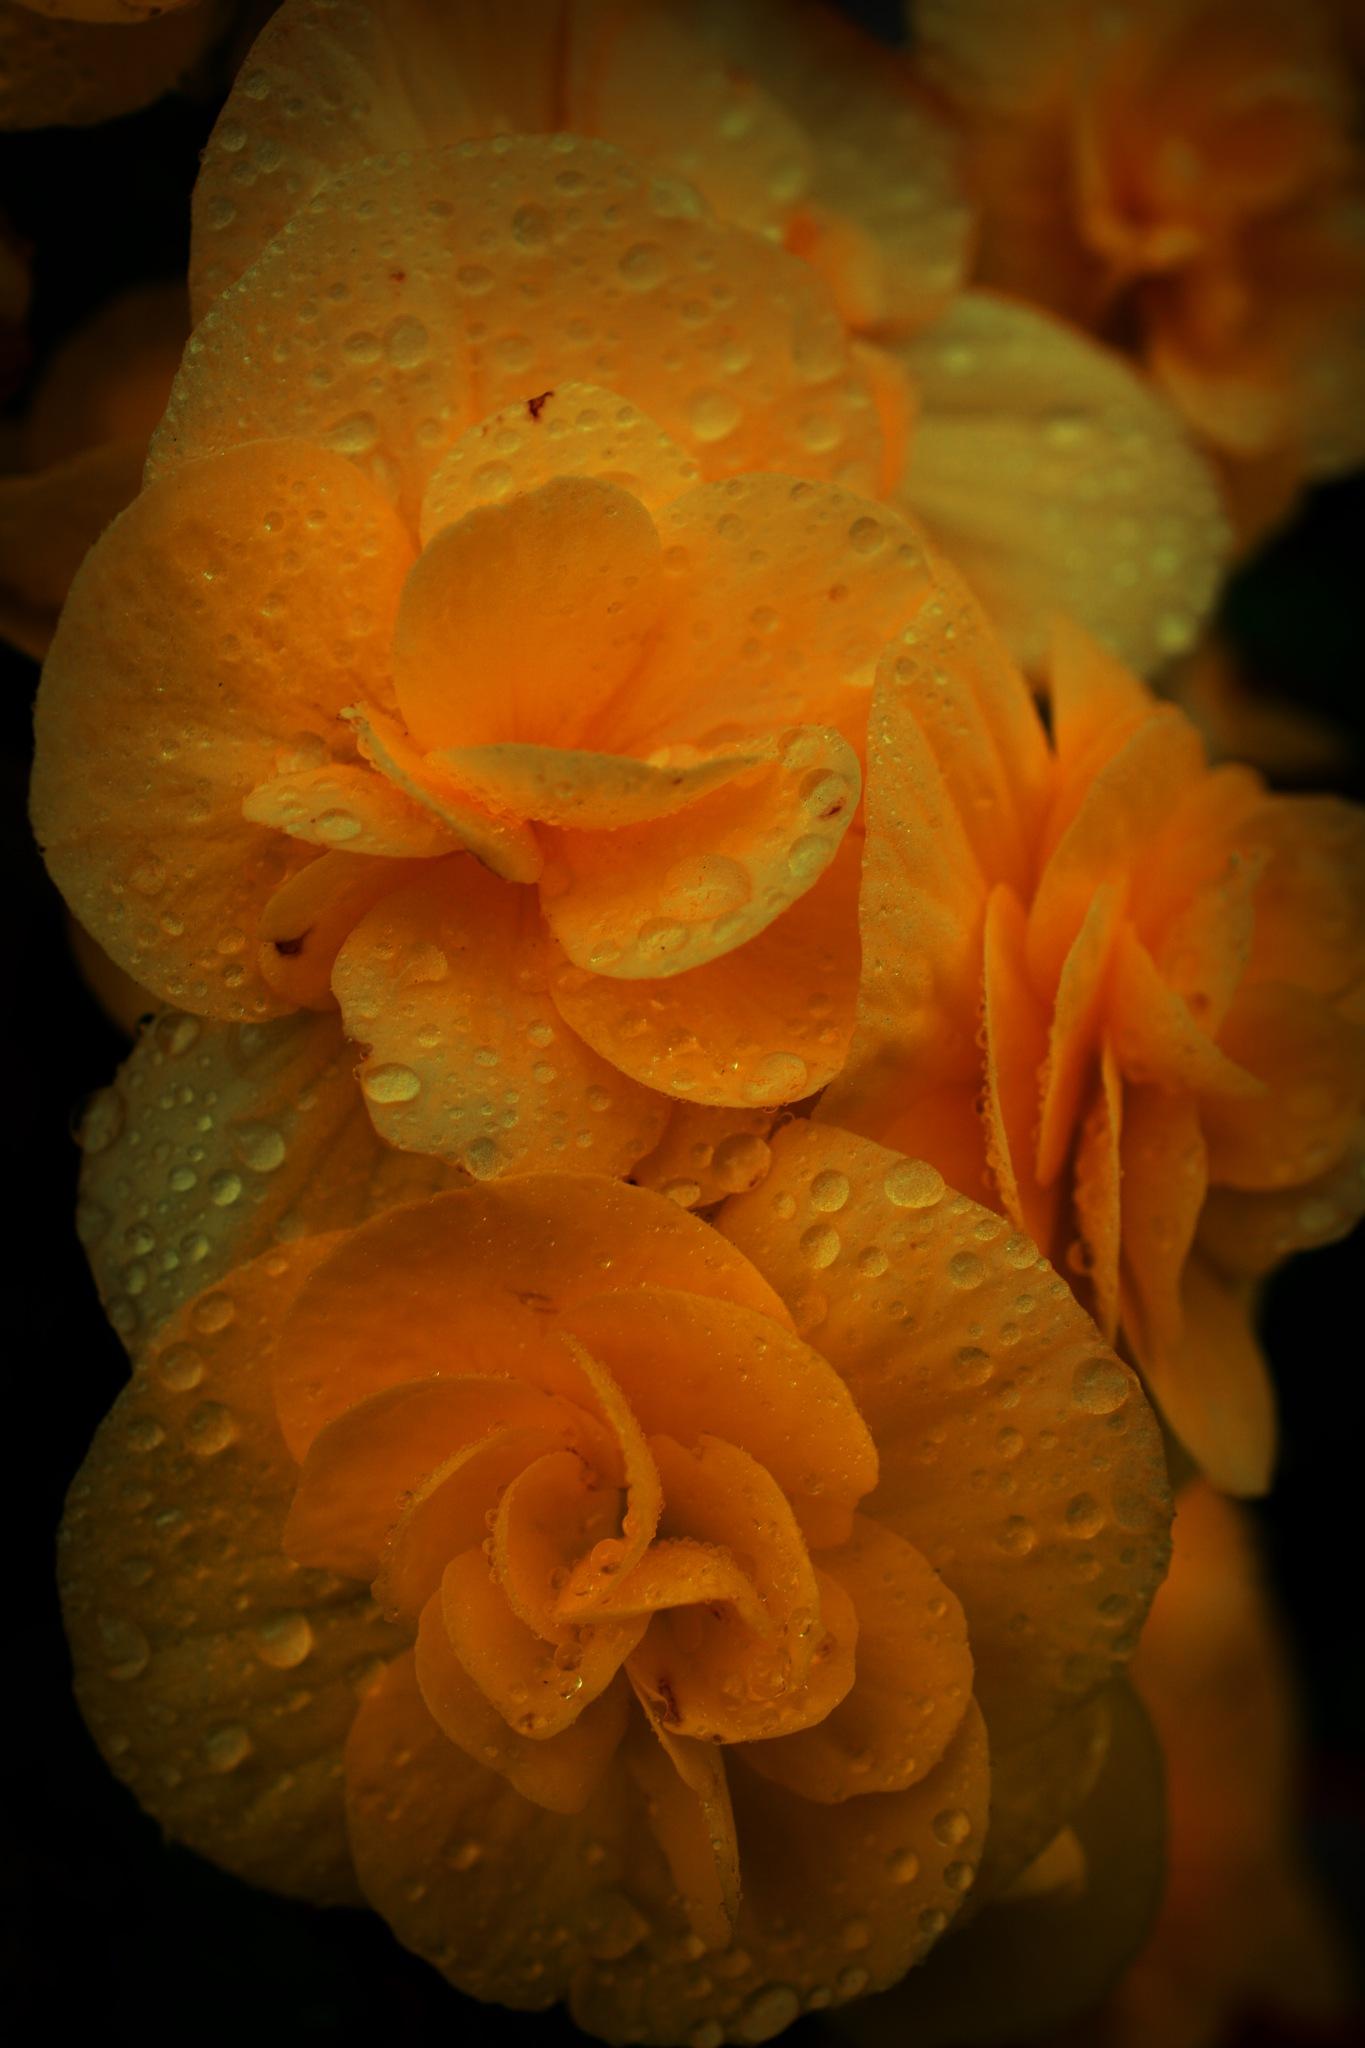 orange begonias by pgavin5000